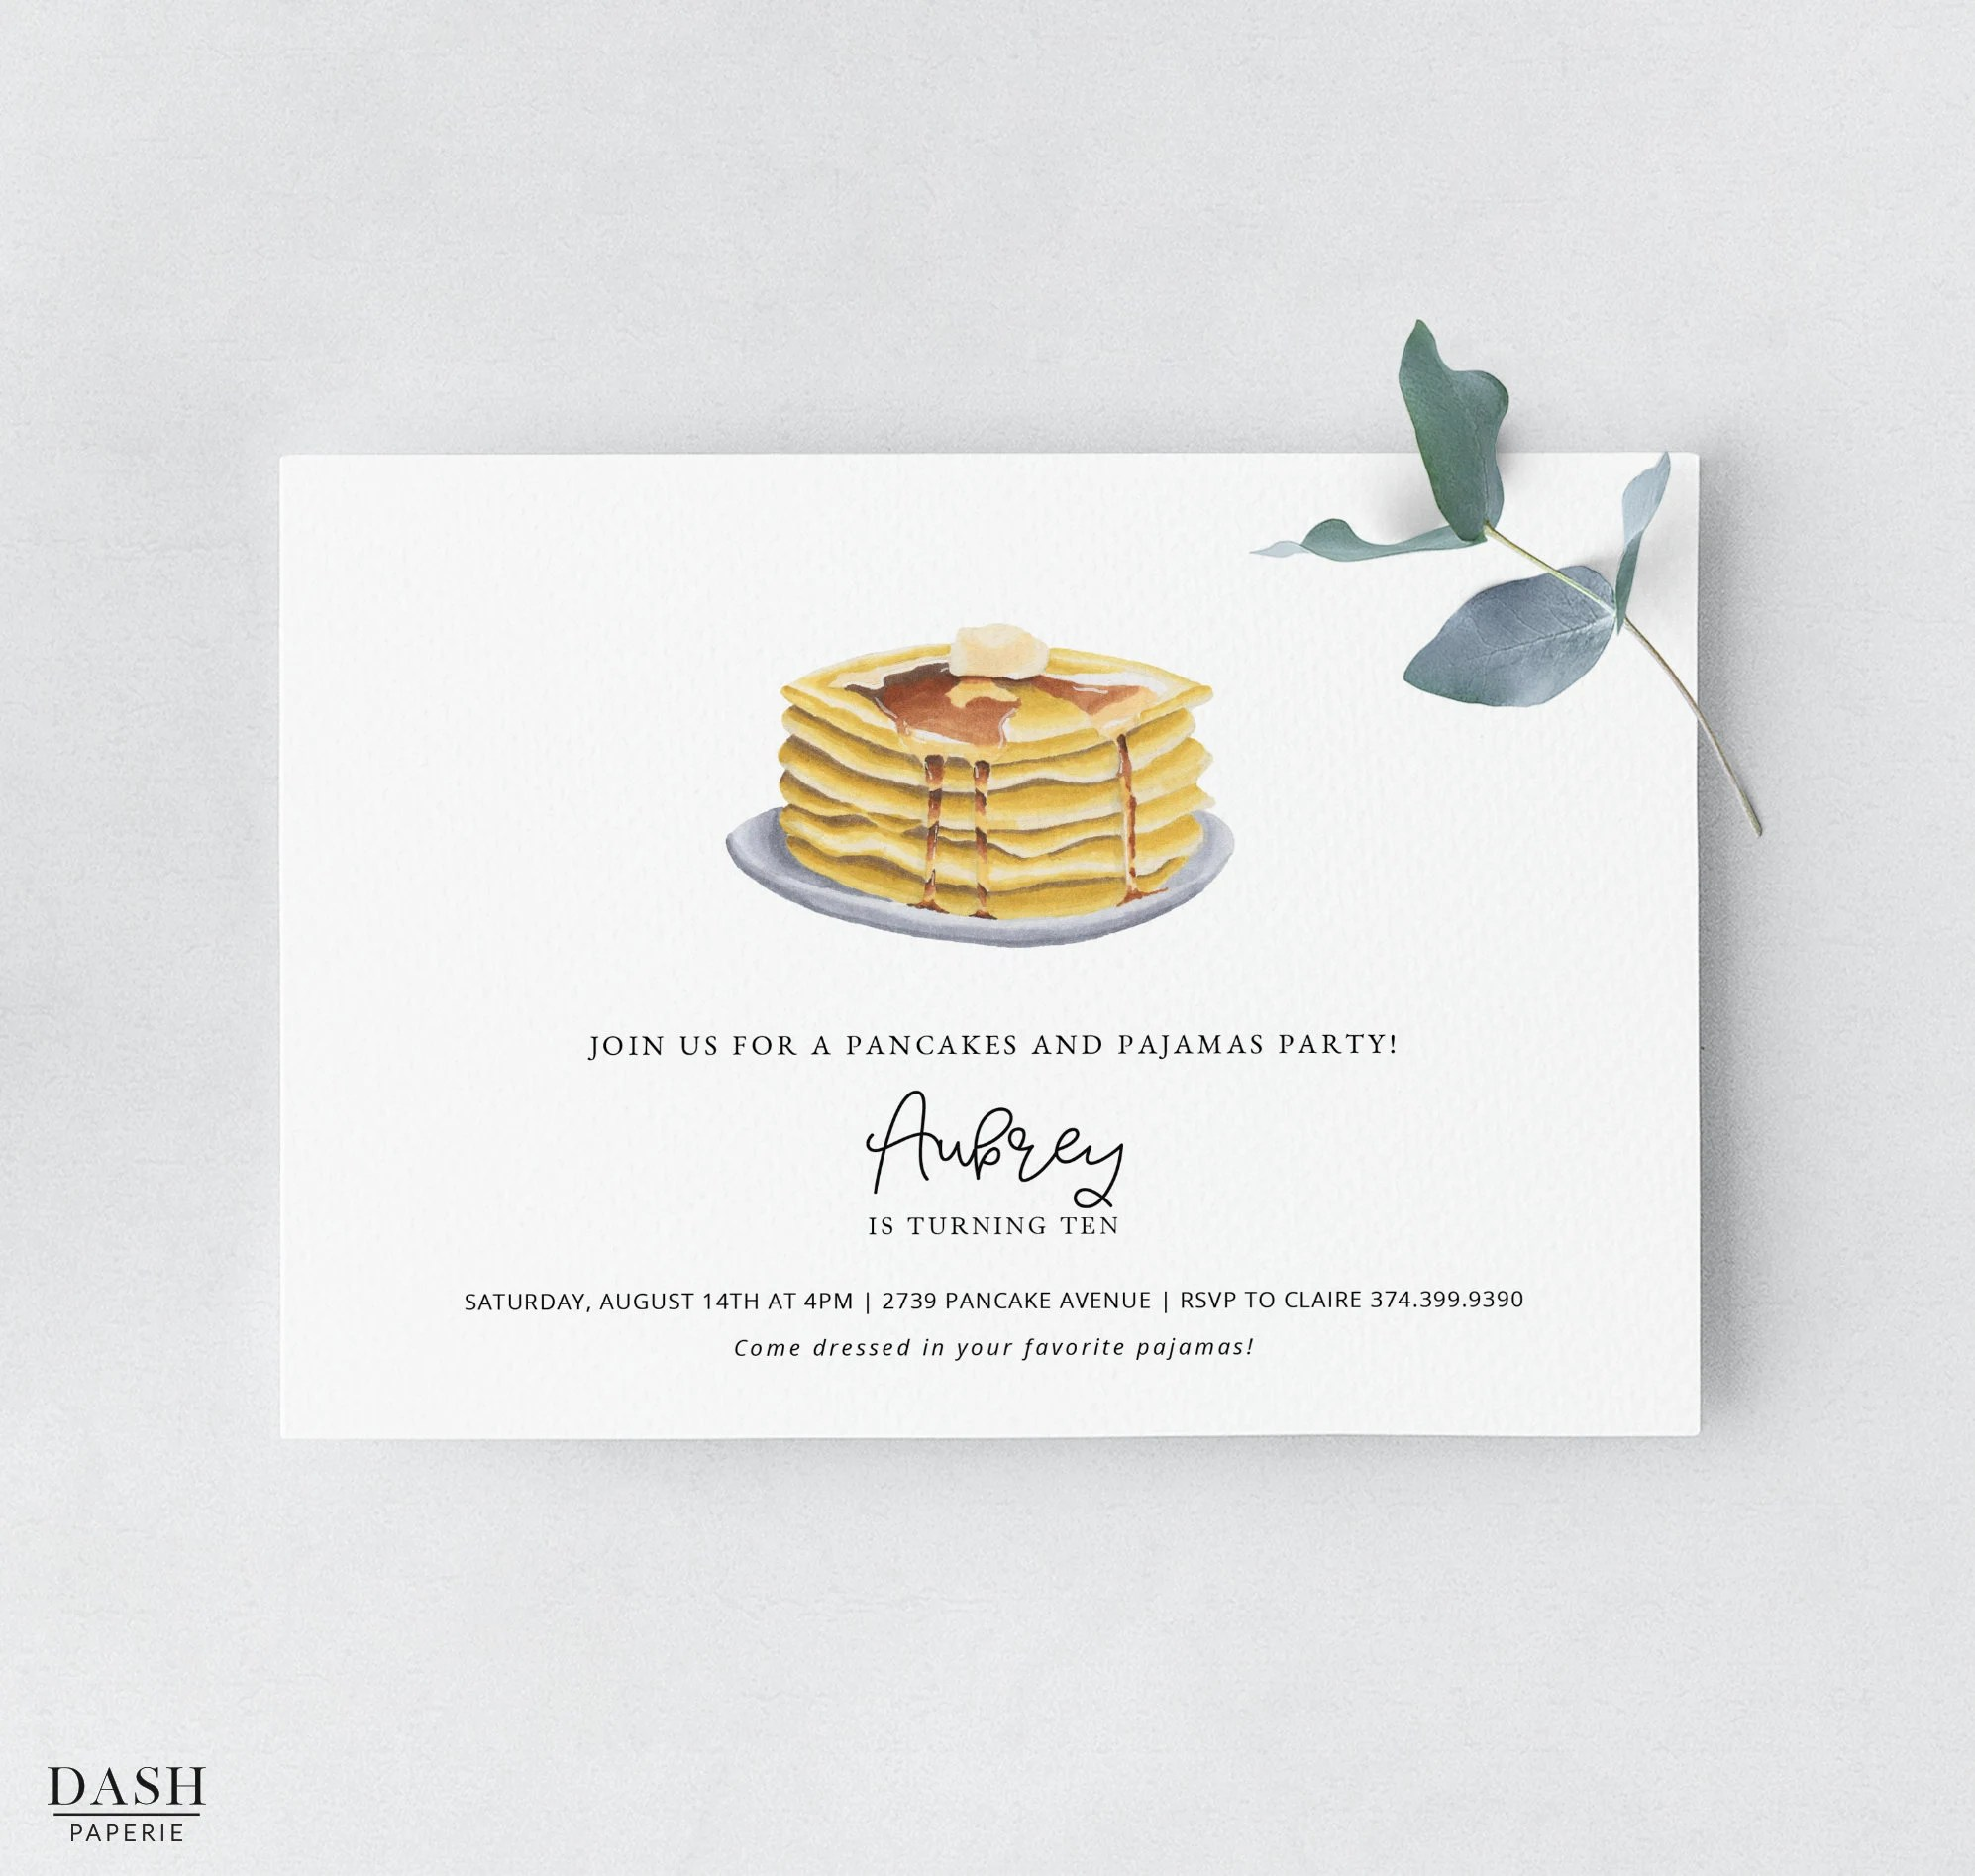 Pancakes and Pajamas Birthday Invitation Template Pancakes Etsy